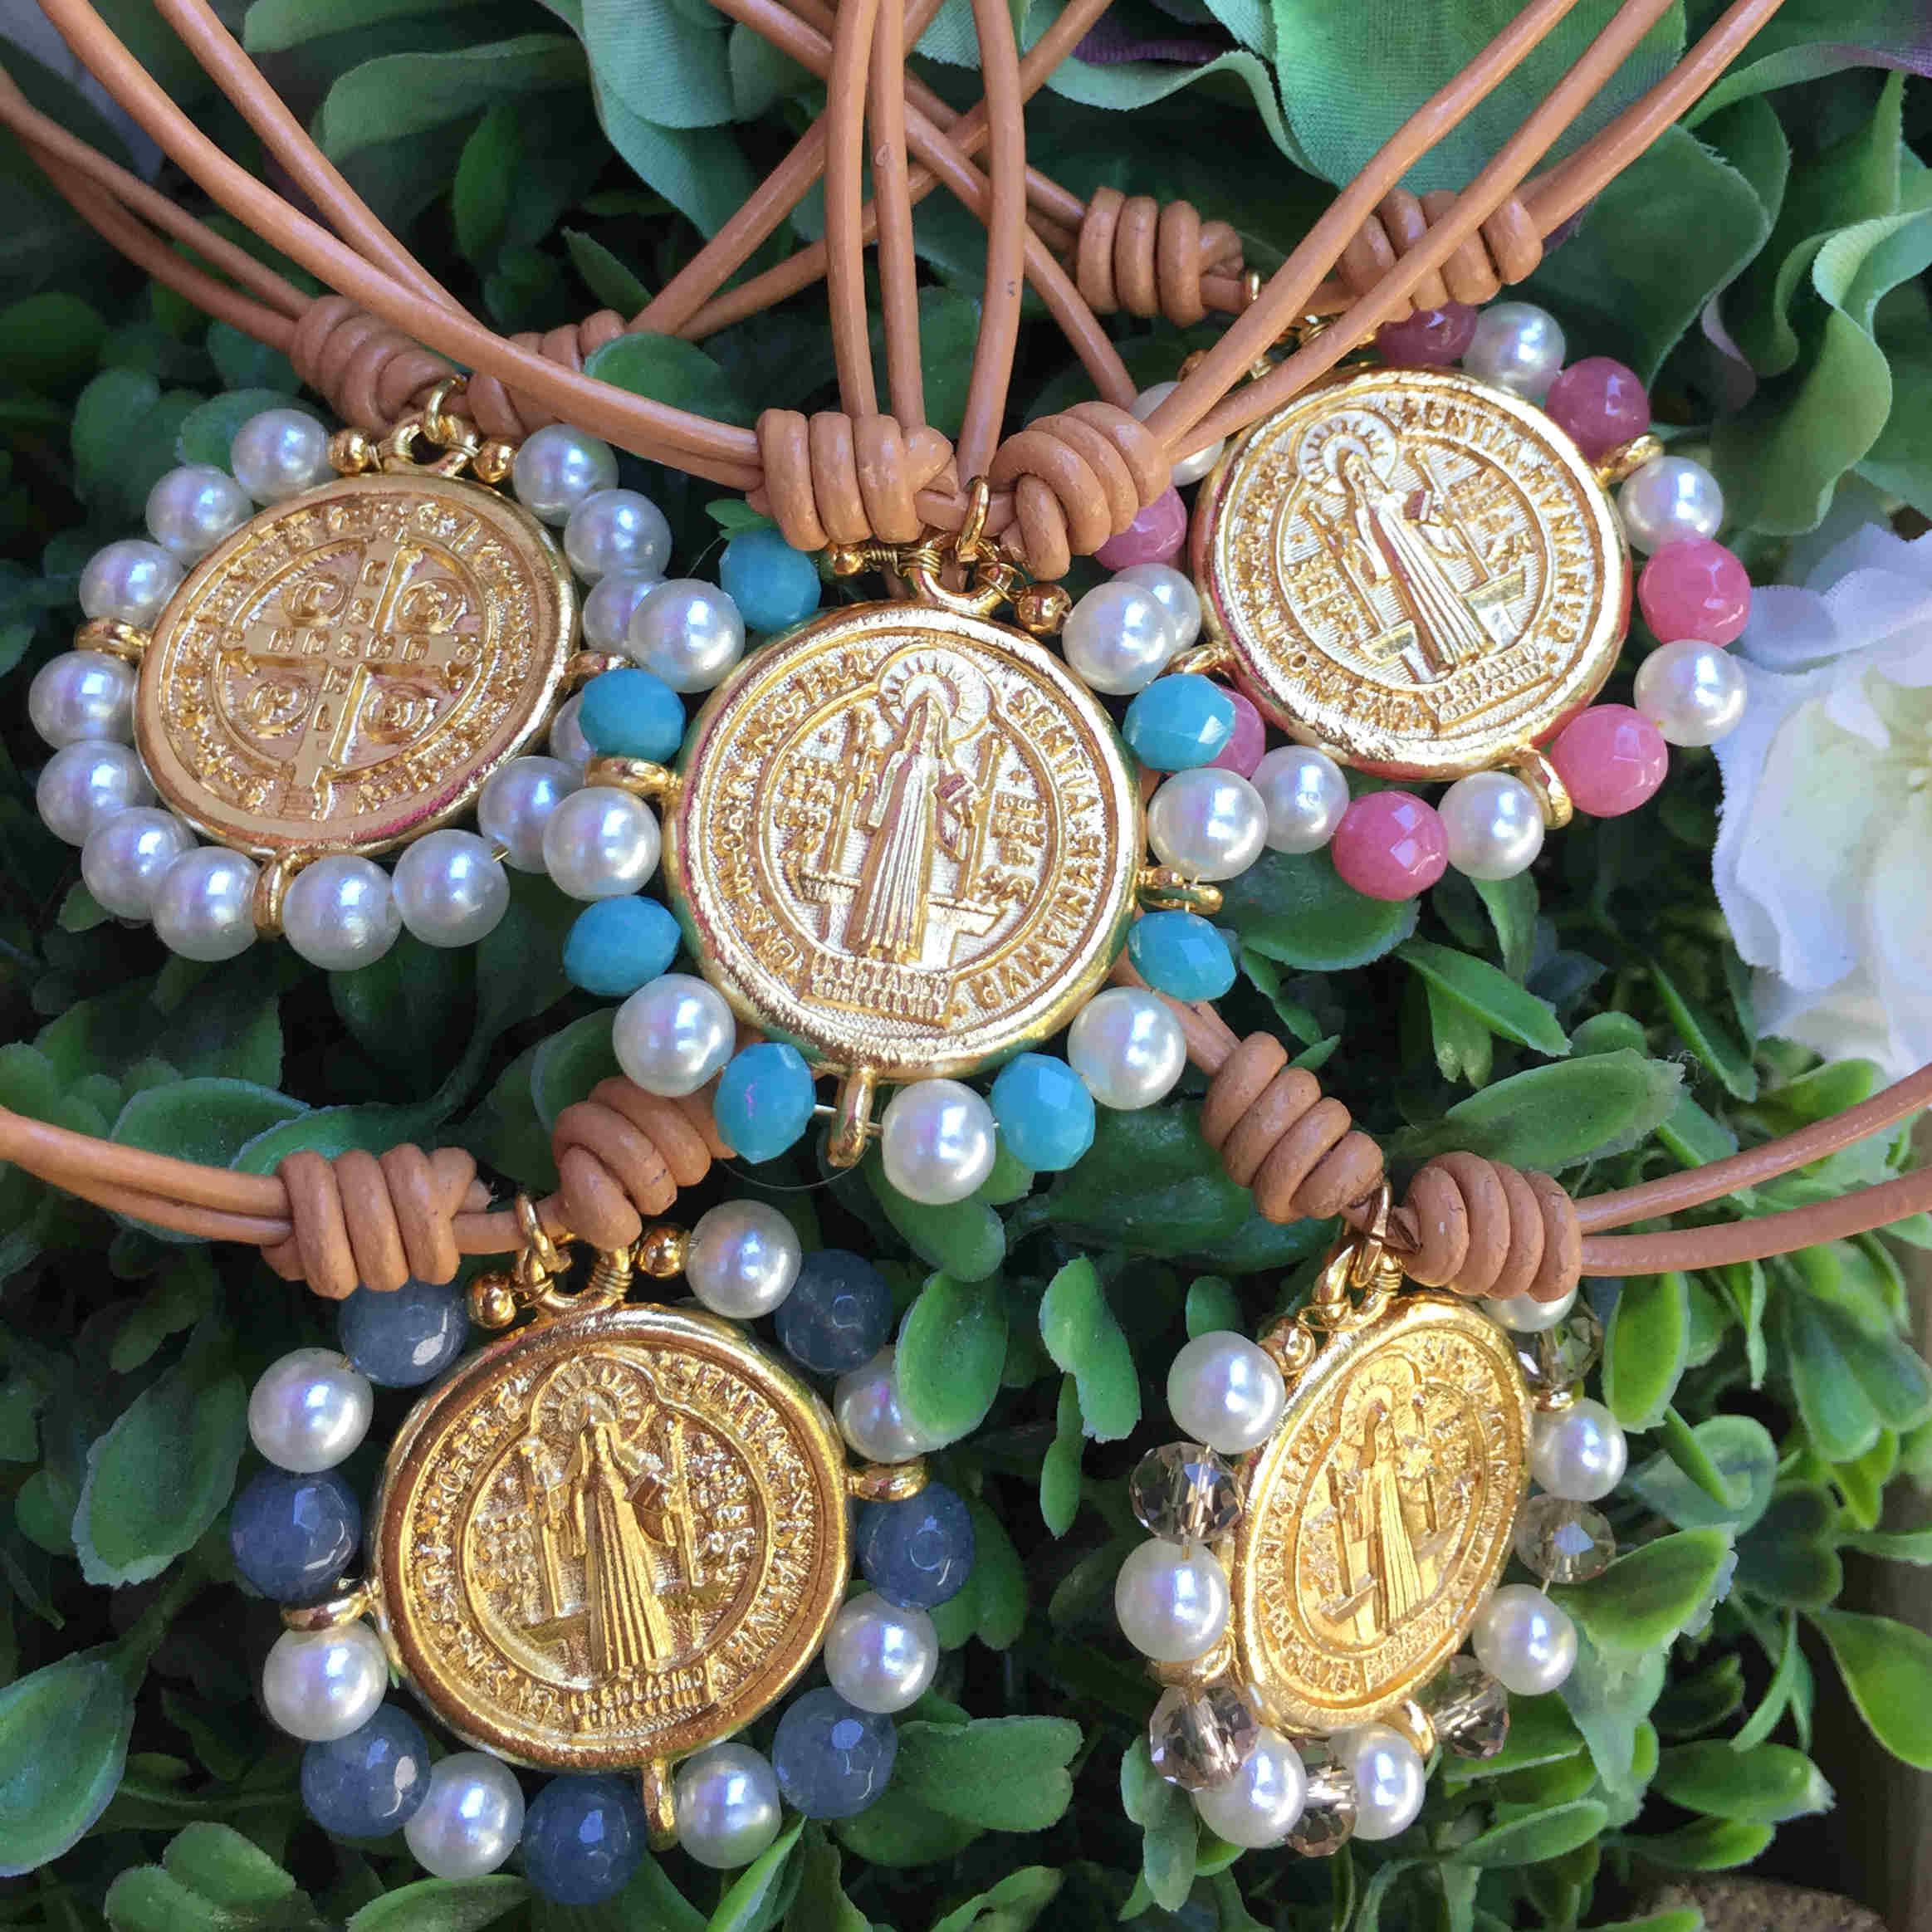 Collar cuero con medalla San Benito dorada y piedras